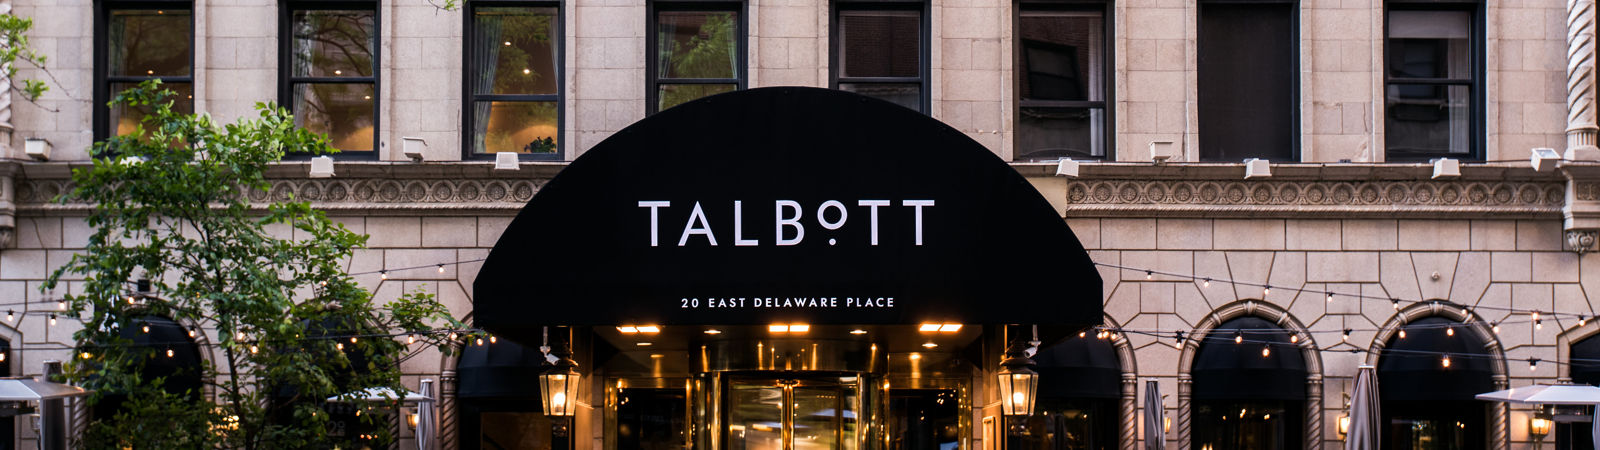 Talbott Hotel Exterior